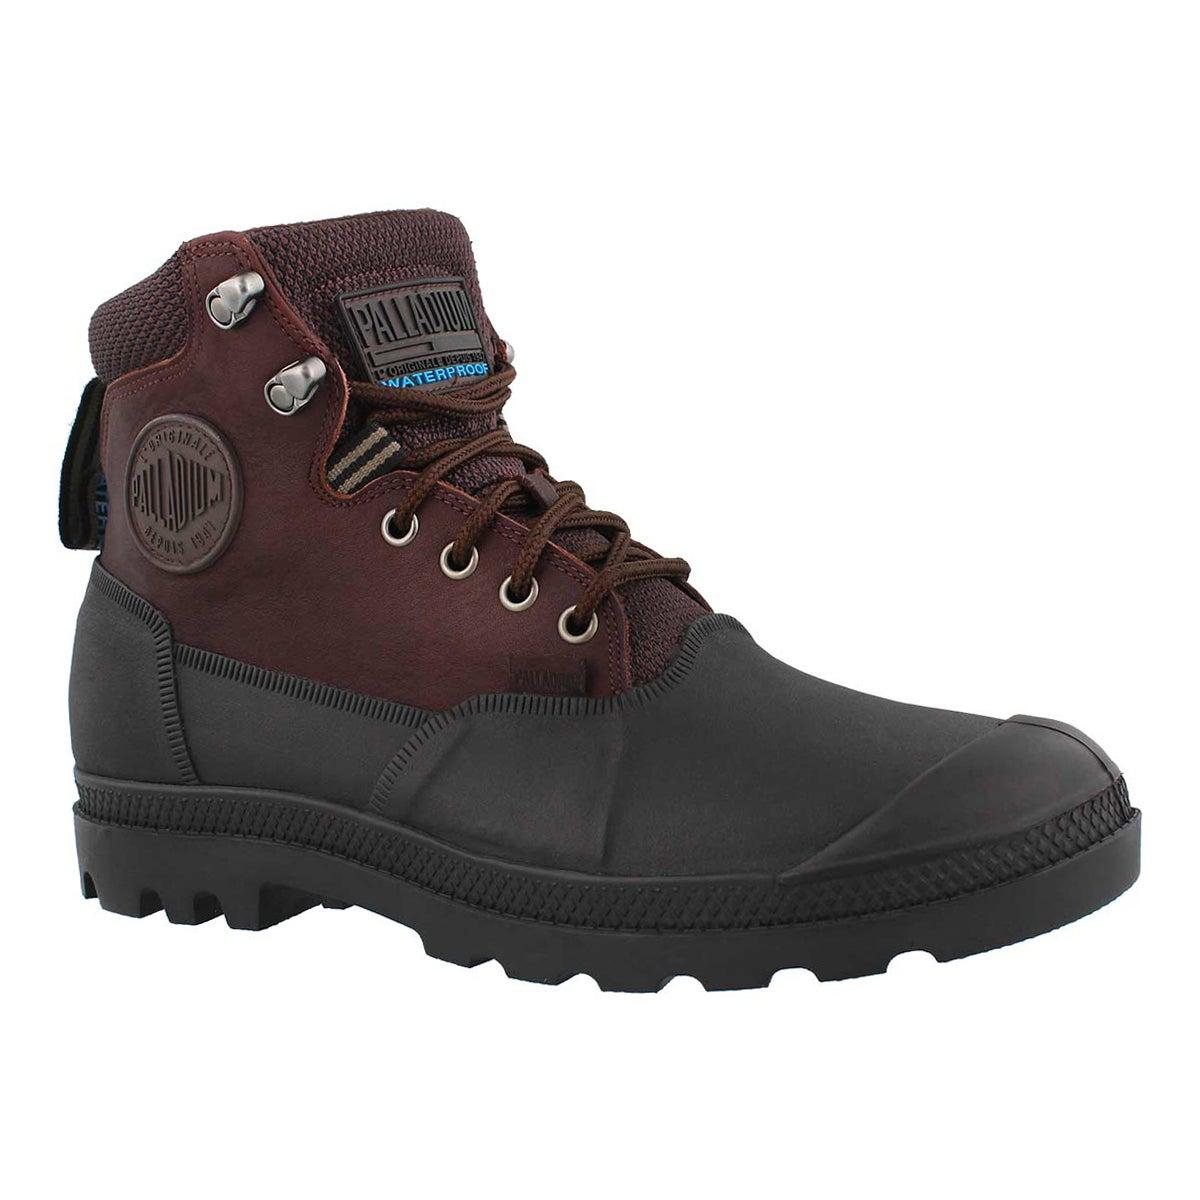 Men's SPORT CUFF 2.0 waterproof rock ankle boots